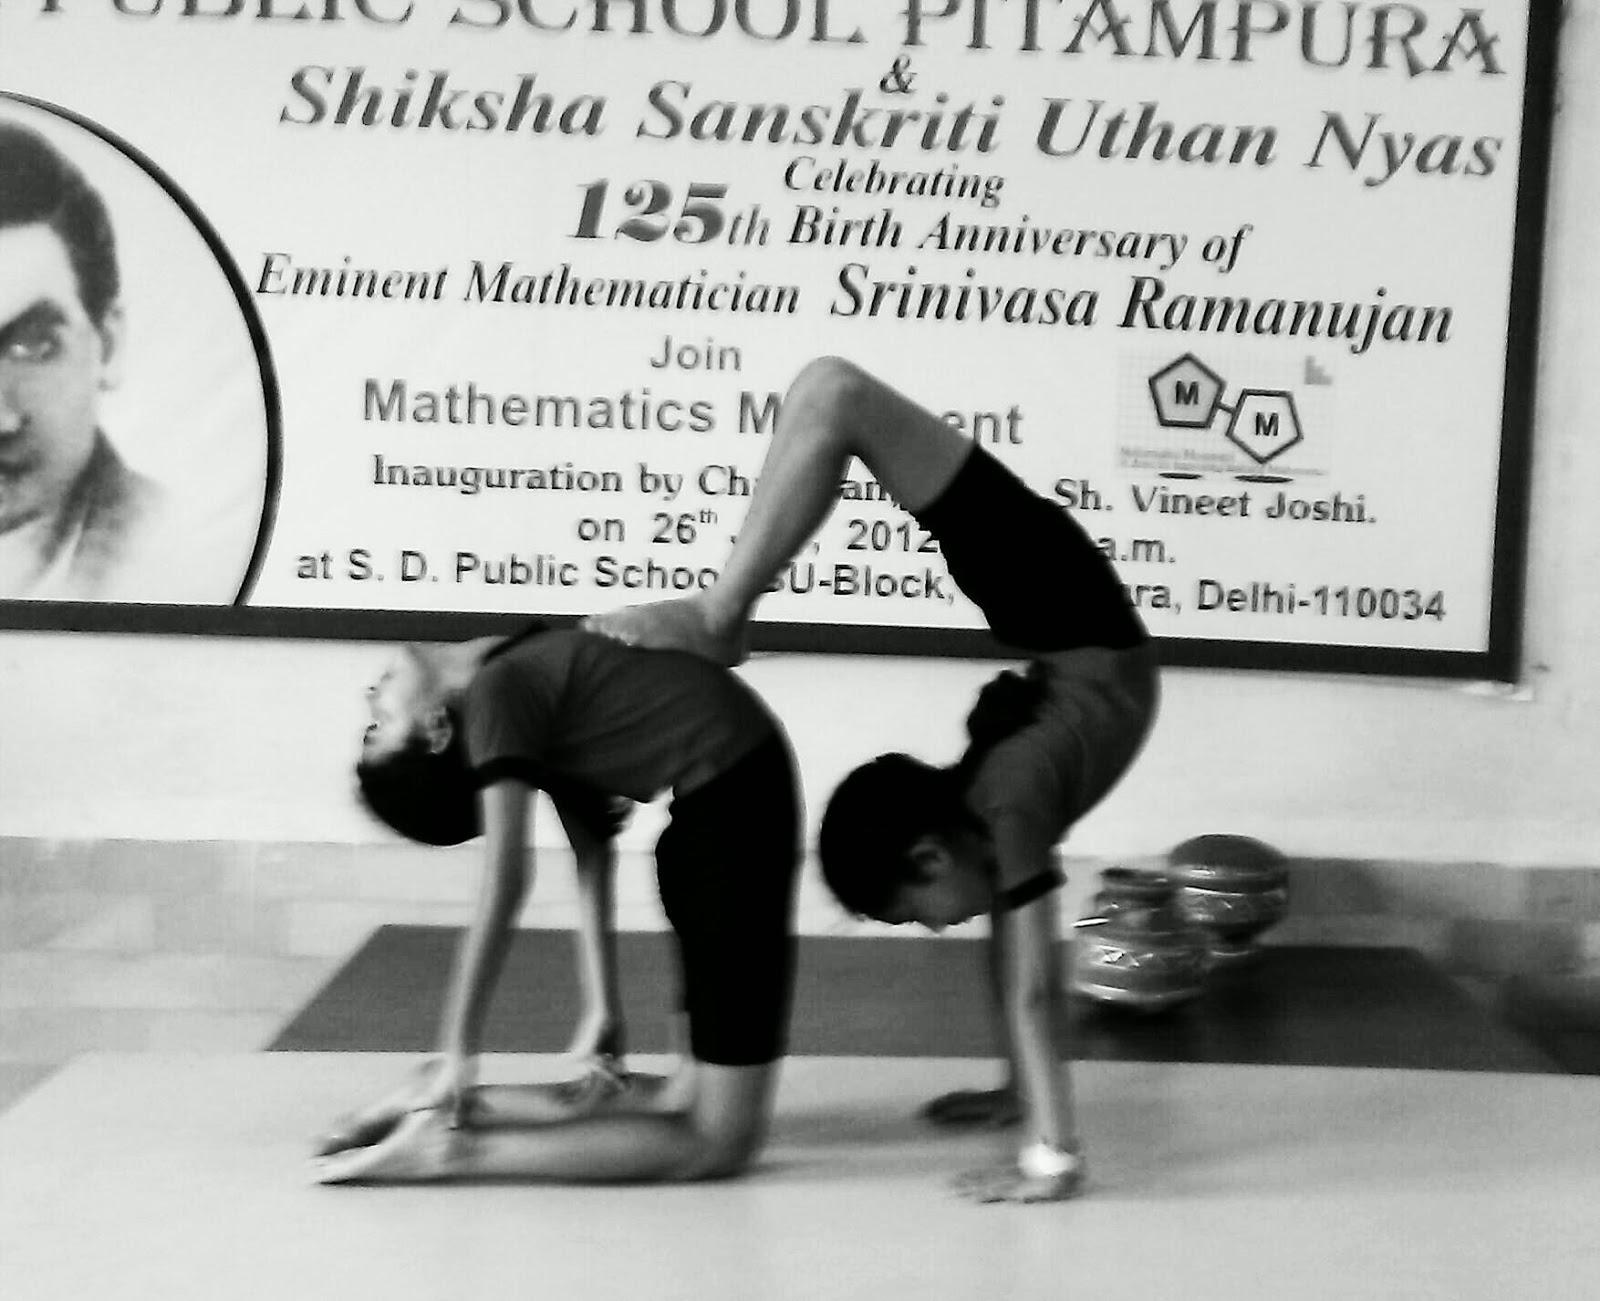 BHAVYA JATRANA AND DEVANSHI MAHAJAN OF CLASS VA PERFORMED ADVANCE YOGA POSES